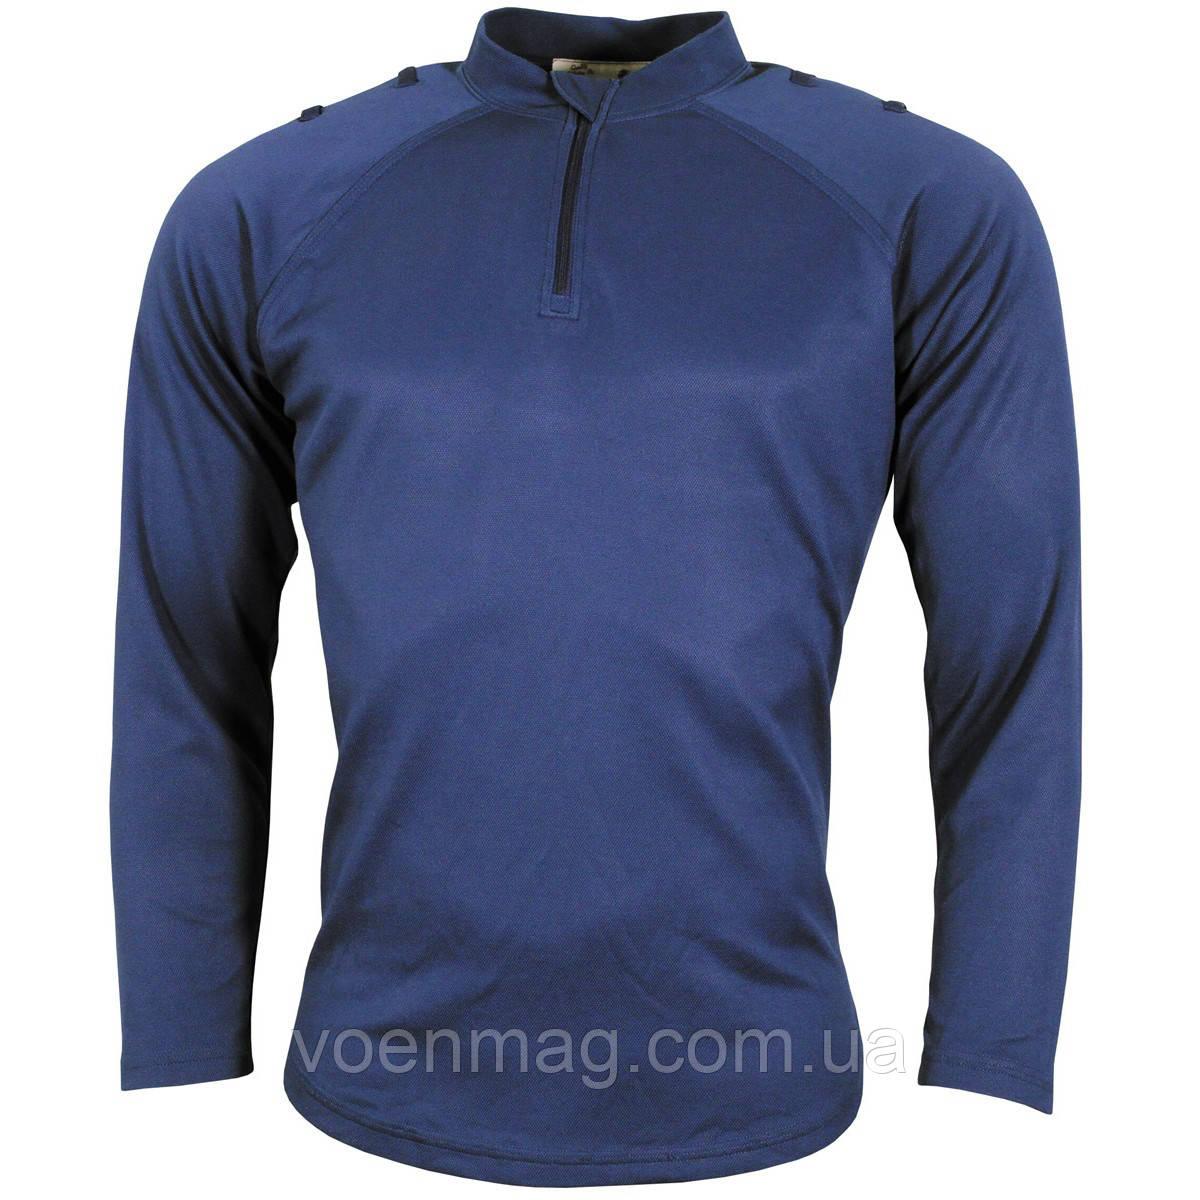 Футболка CoolMax полиции Великобритании, длинный рукав, синяя, б/у, фото 1